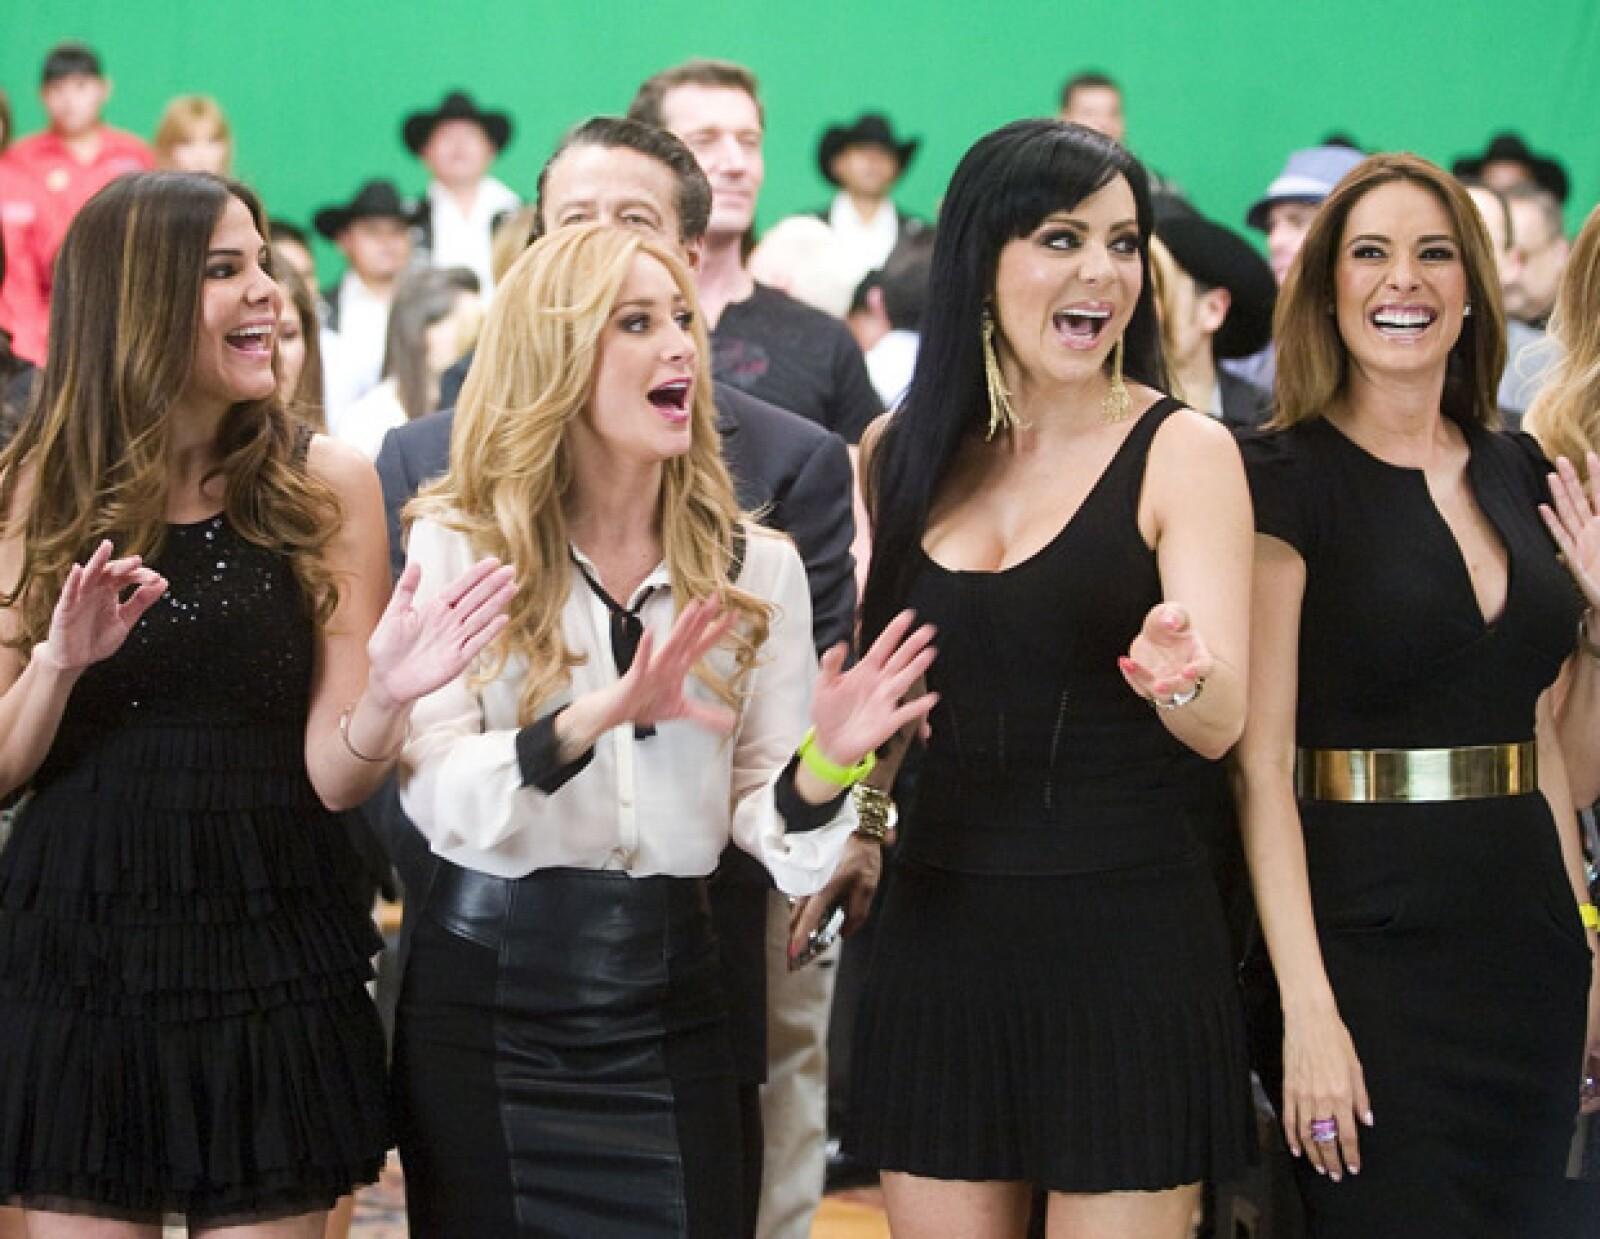 Geraldine Bazán, Vielka Valenzuela, Maribel Guardia y Yolanda Andrade lucieron muy divertidas en las grabaciones.